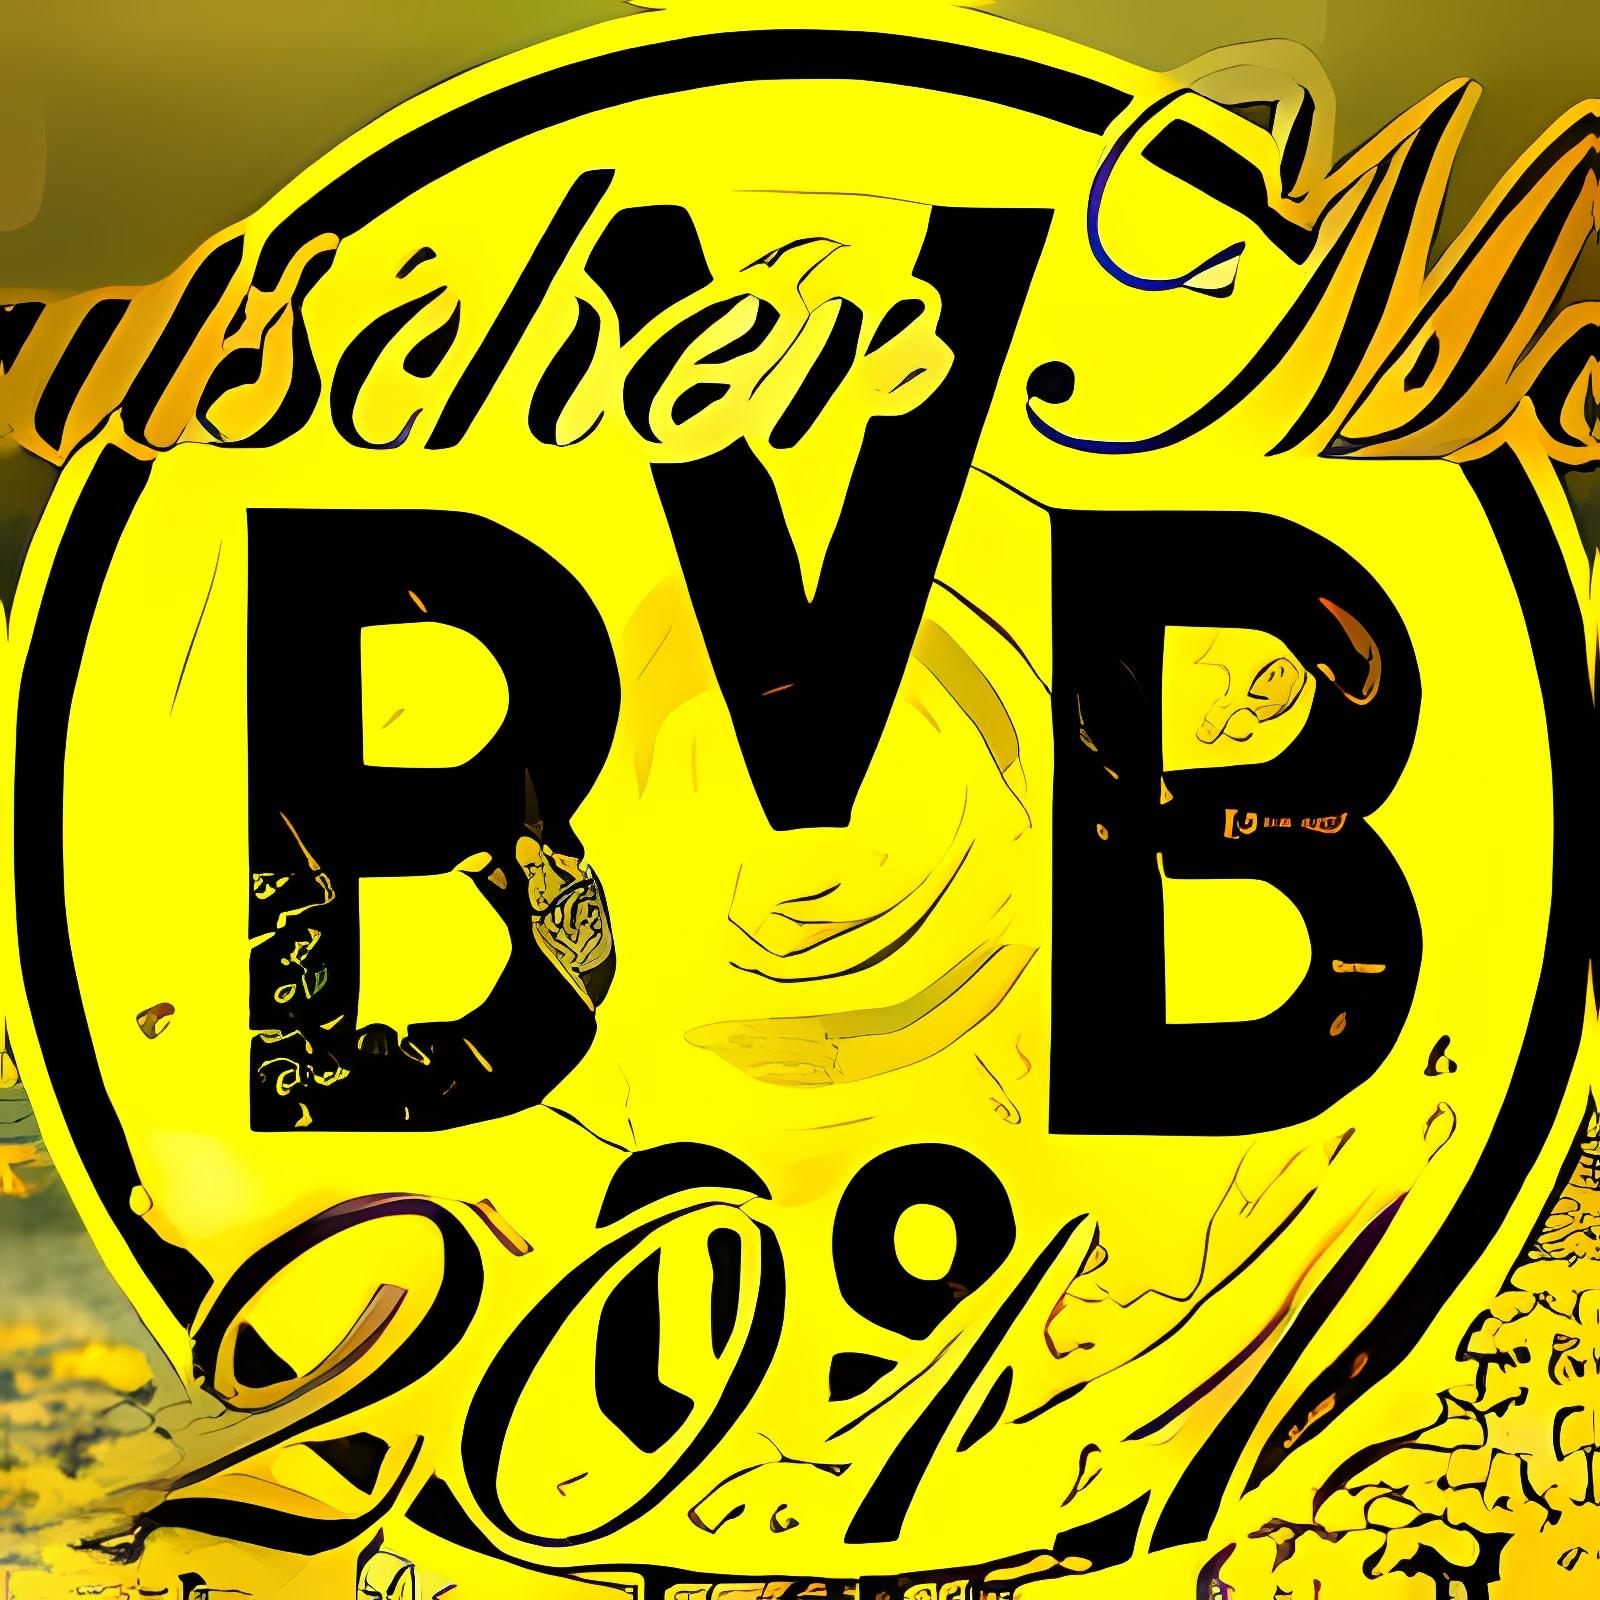 Borussia Dortmund Deutscher Meister 2011 Wallpaper